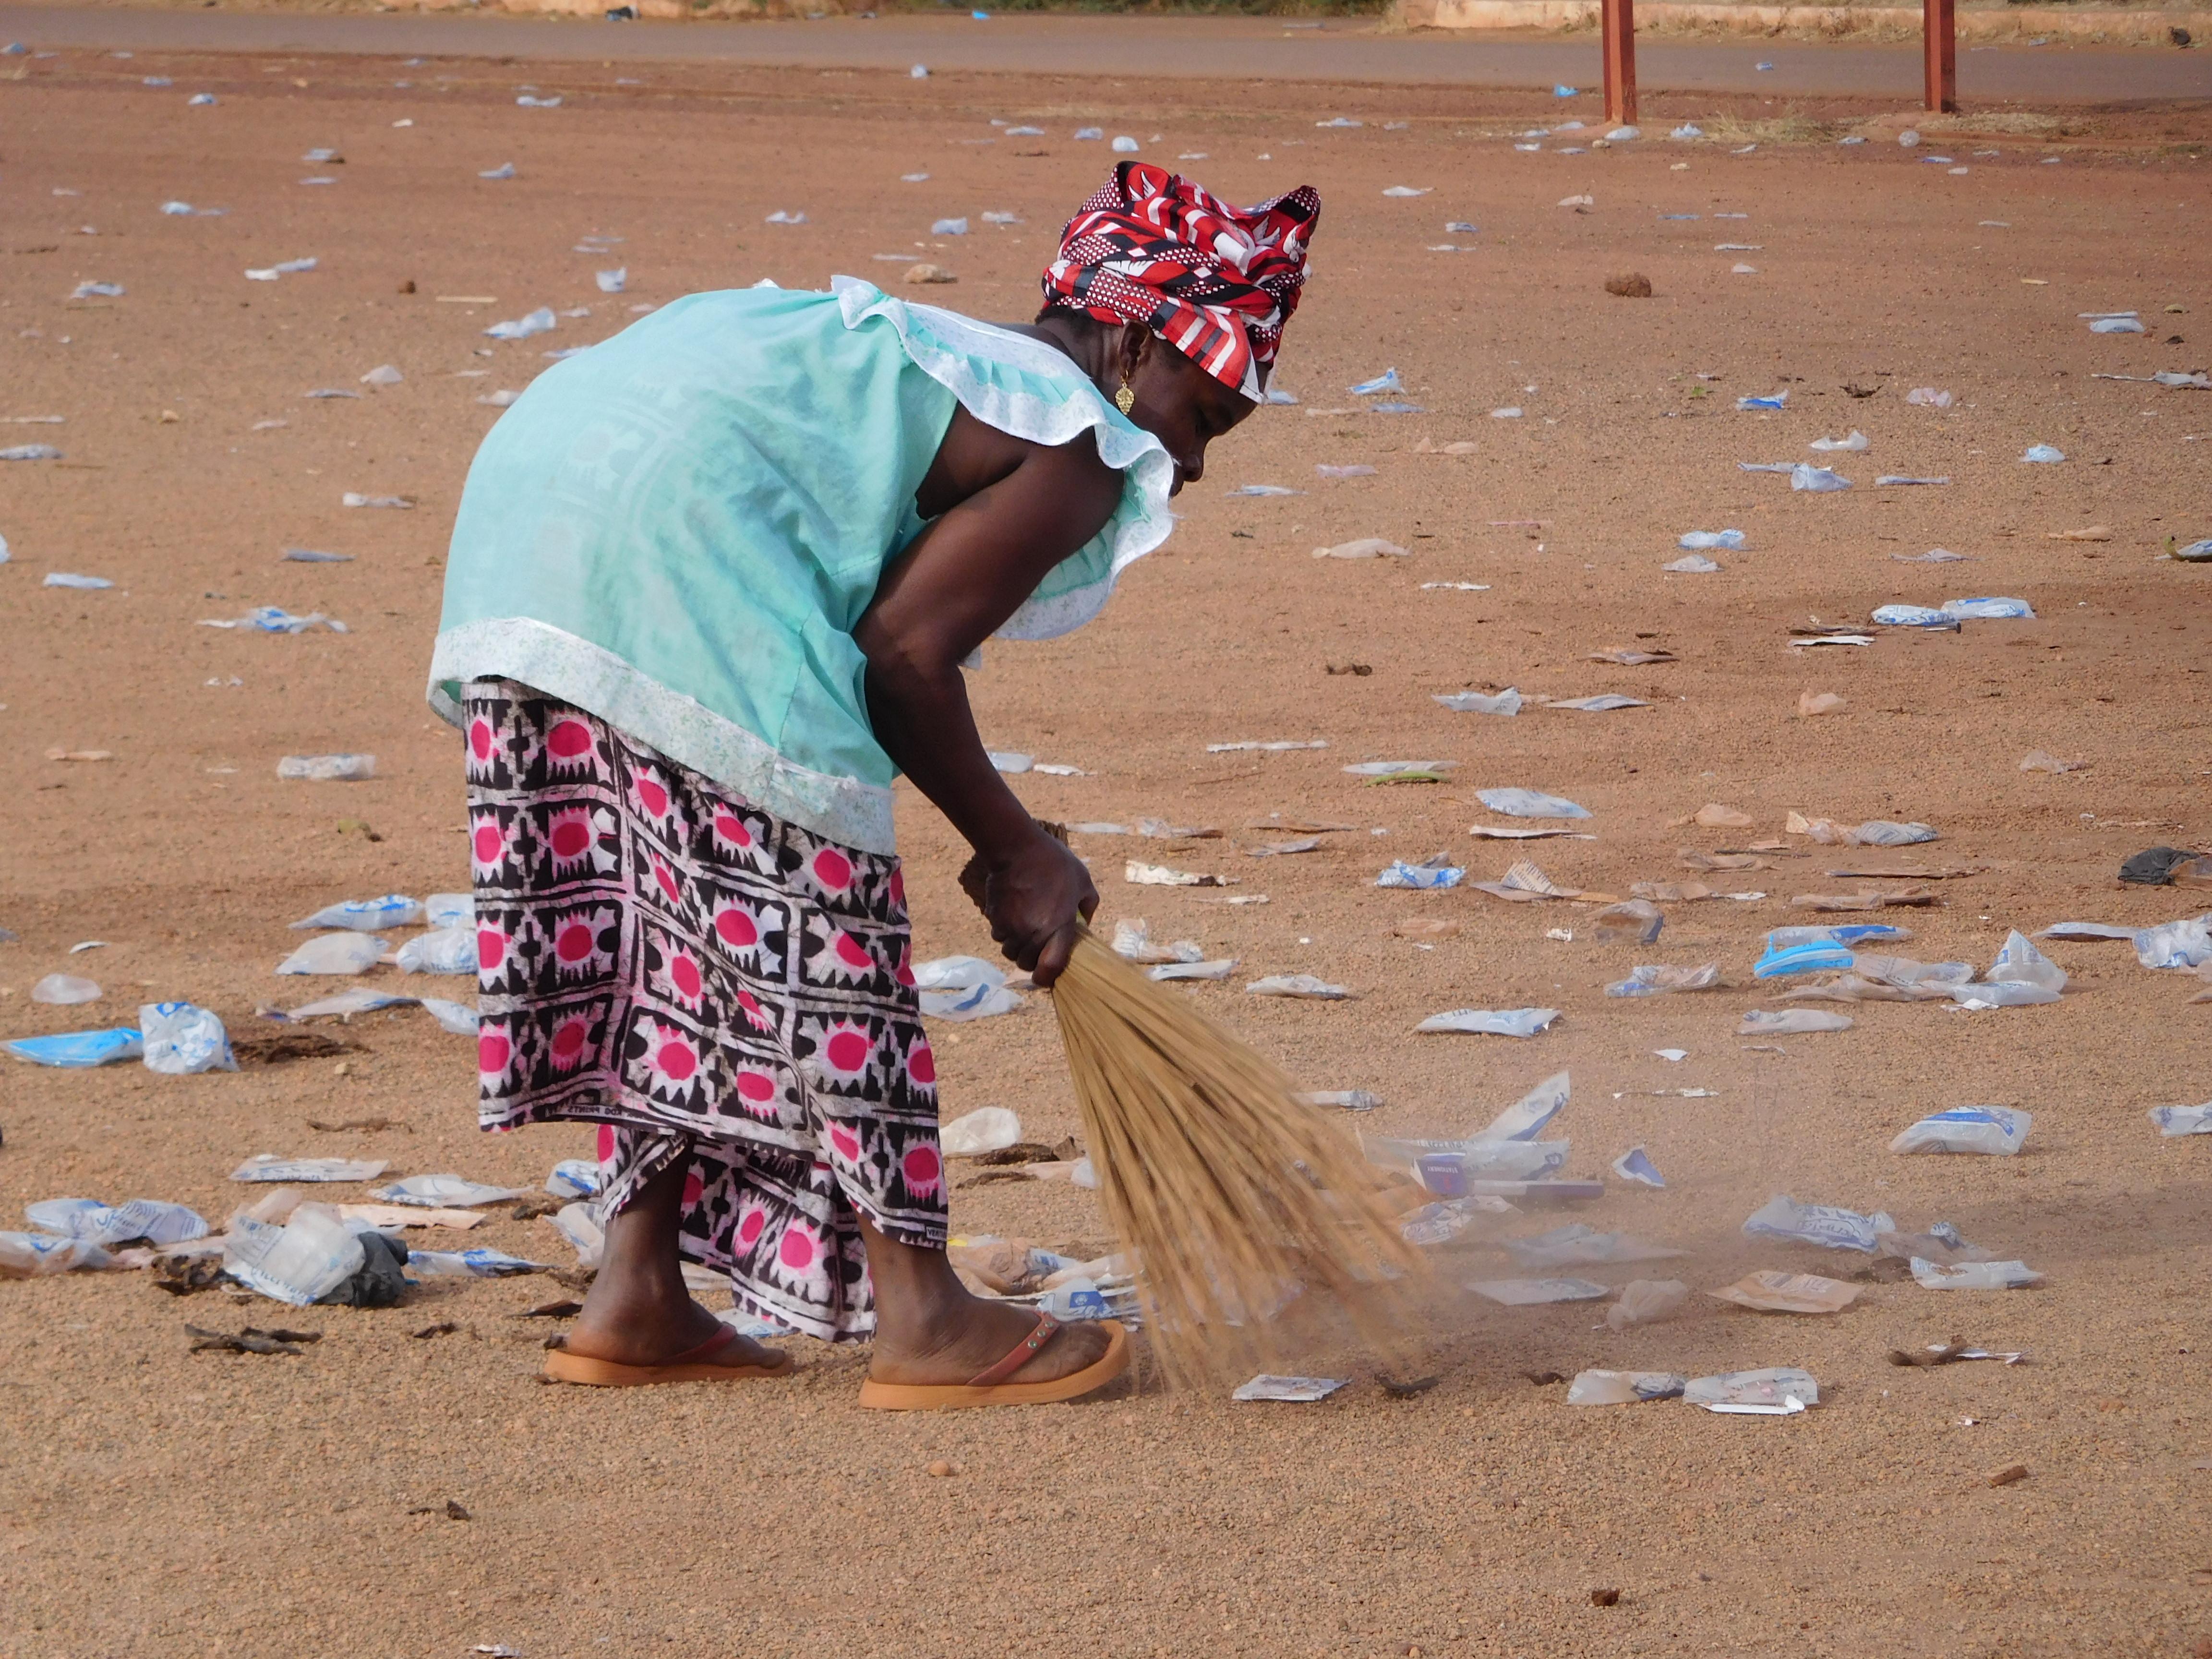 Le dérèglement climatique, entraîne une sur-pollution au Burkina Faso